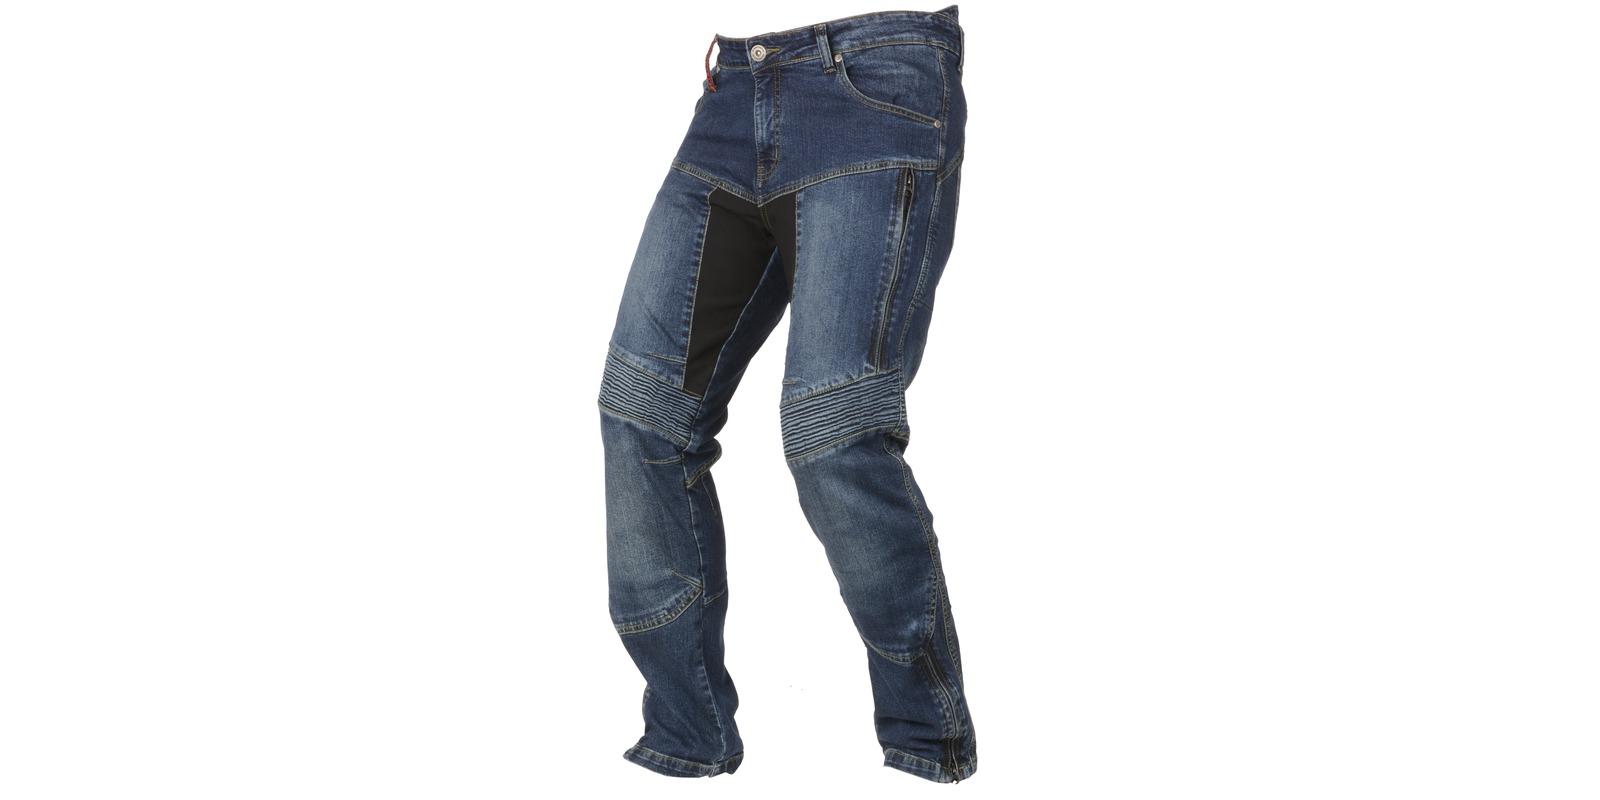 jeansy 505, AYRTON - ČR (modré, vel. 36/32)